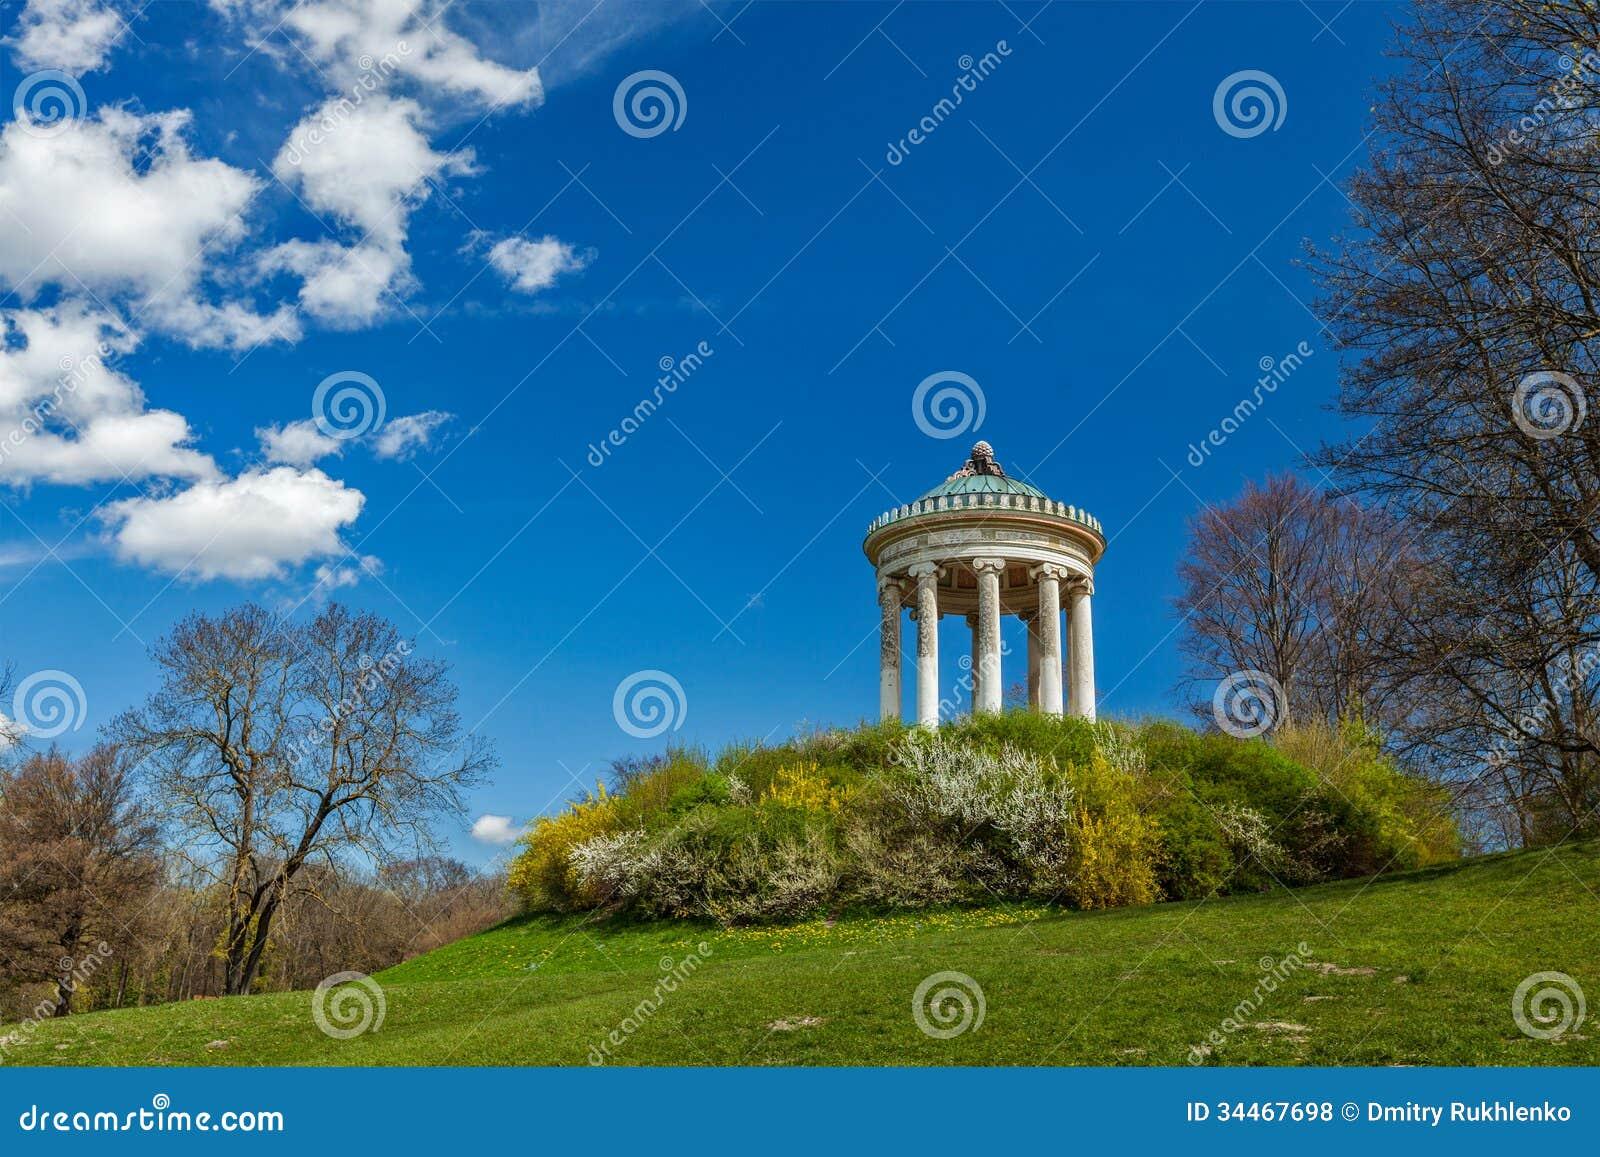 Englischer Garten. München, Deutschland Lizenzfreie Stockfotos - Bild: 34467698